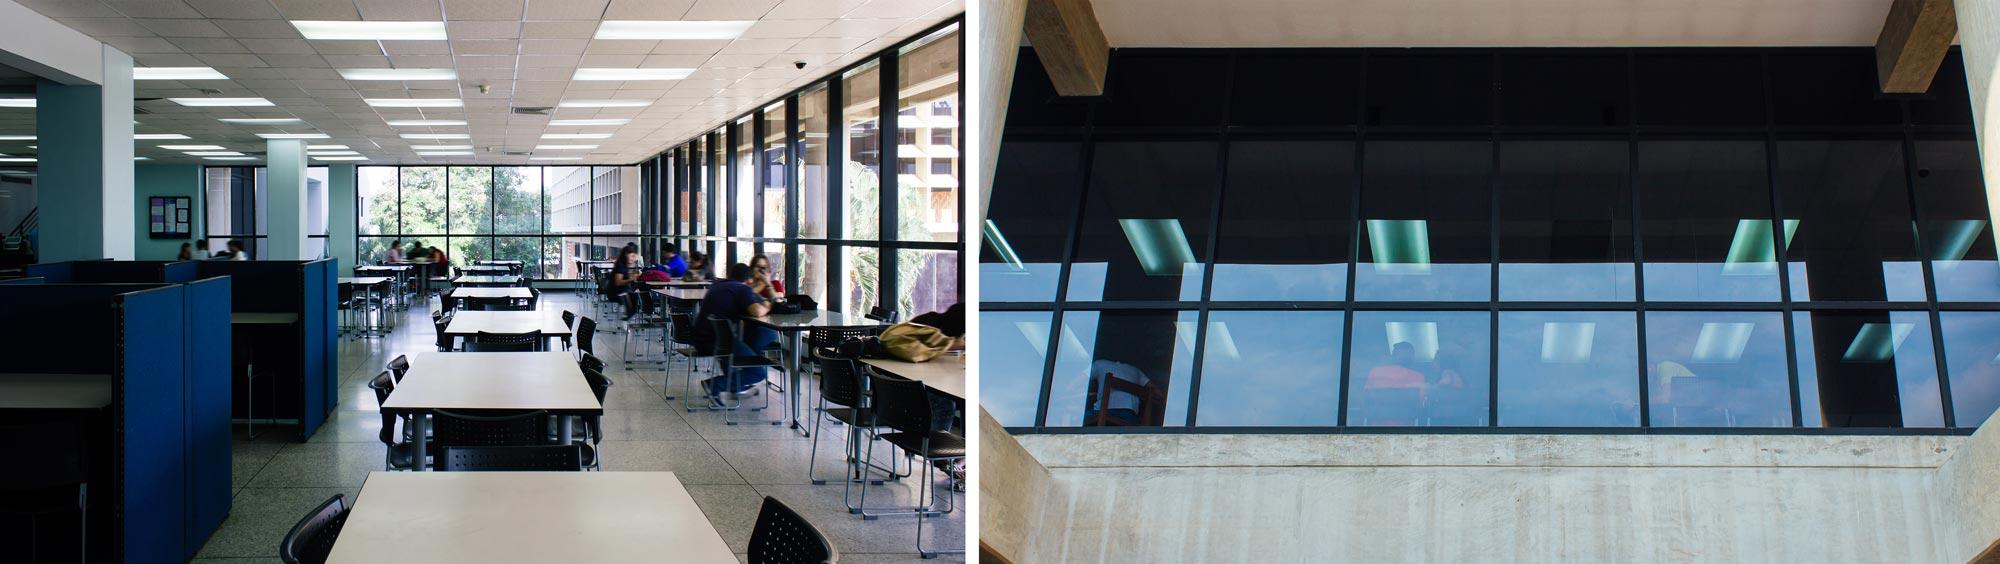 edificio-biblioteca-y-posgrado-urbe-7